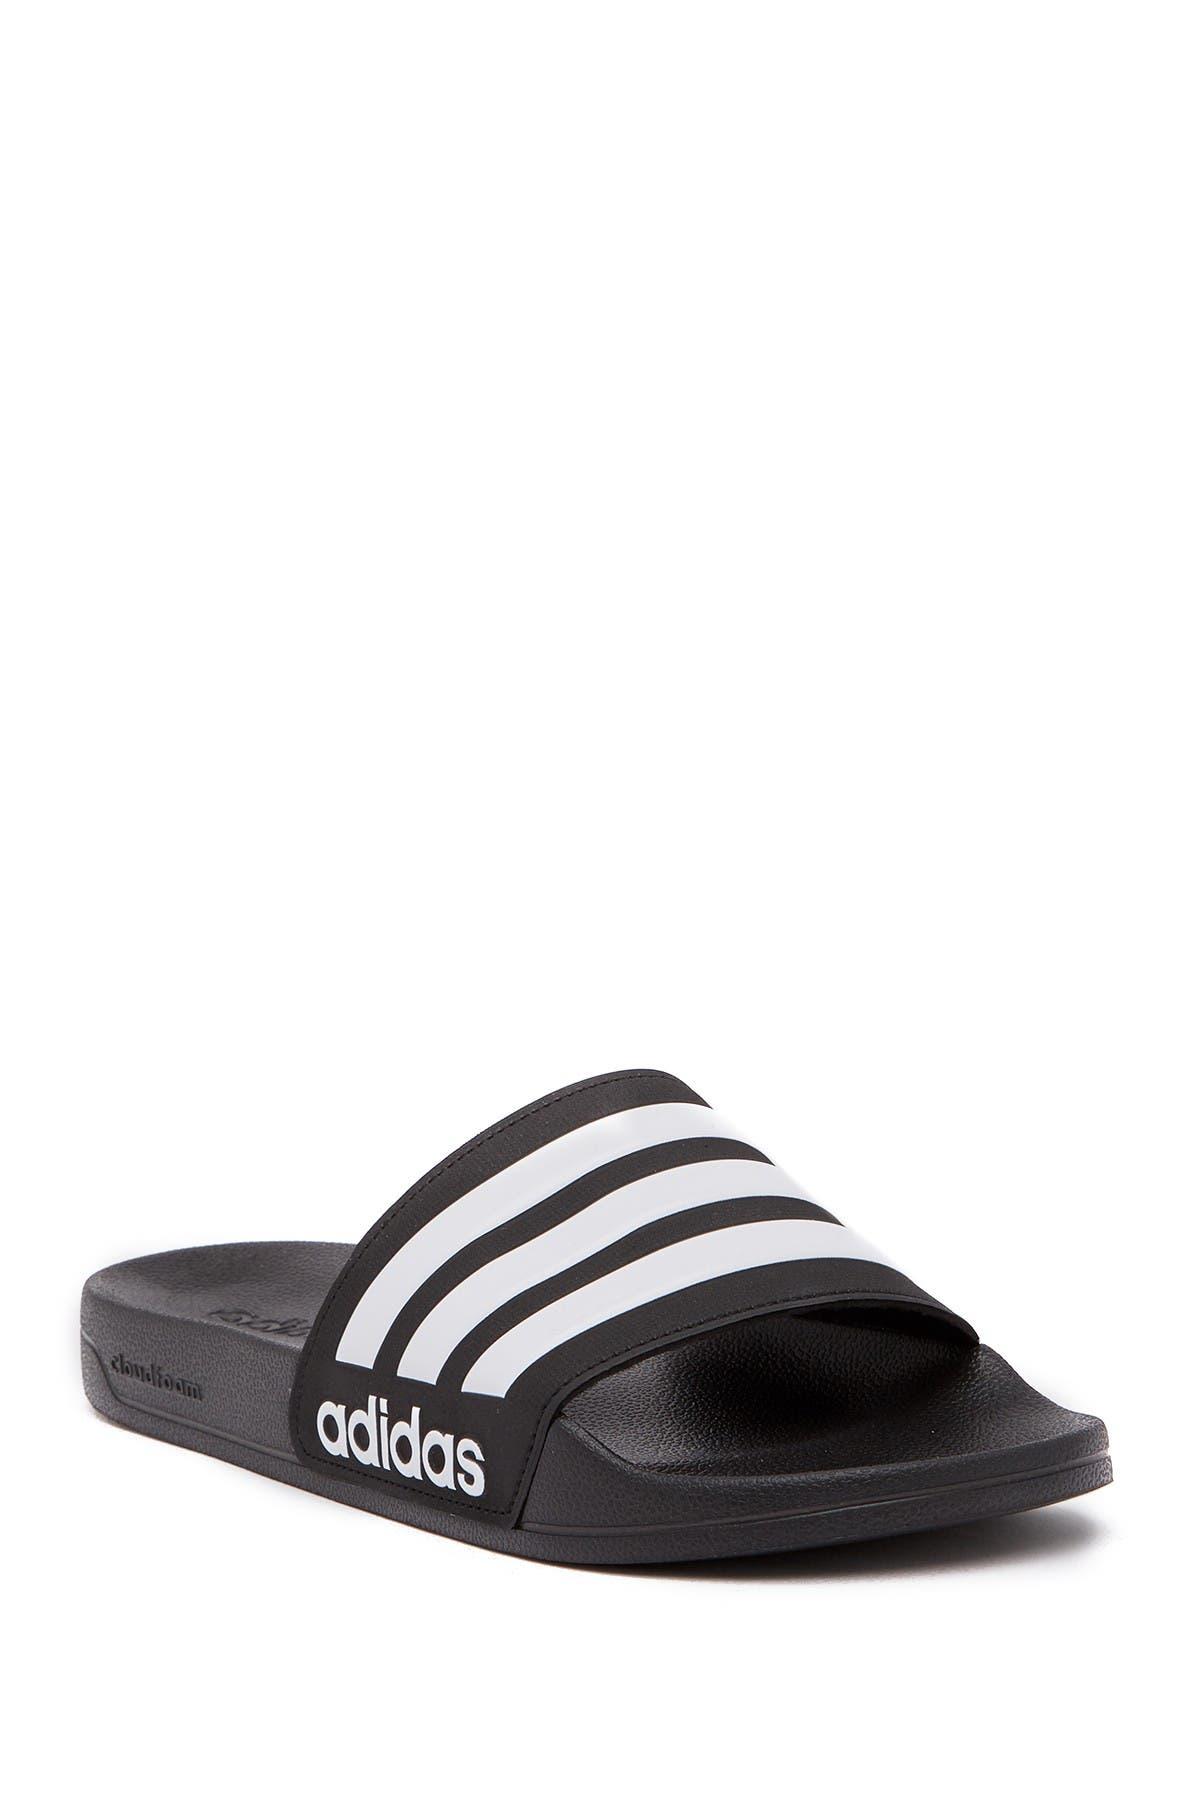 Image of adidas Adilette Comfort Slide Sandal